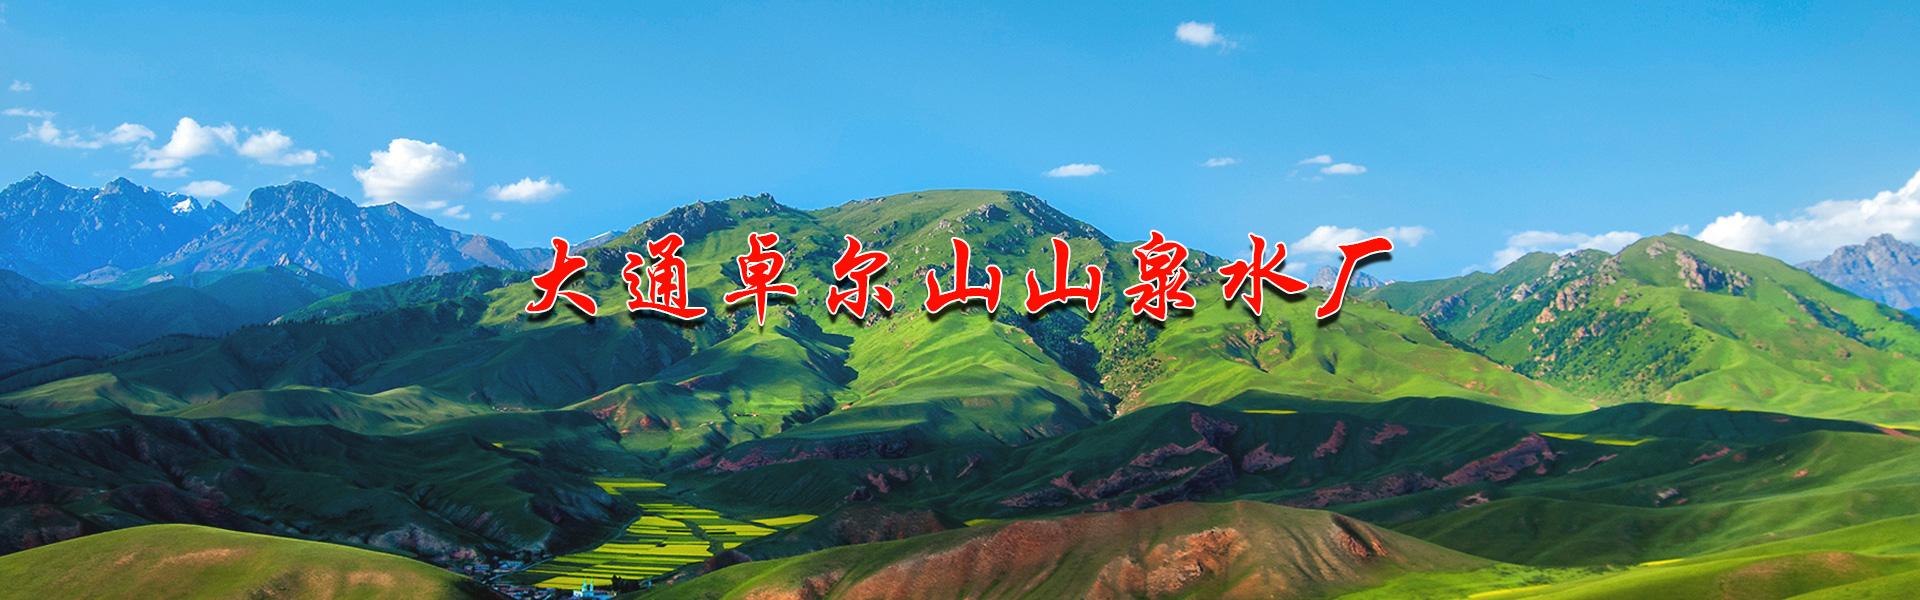 大通卓尔山山泉水厂